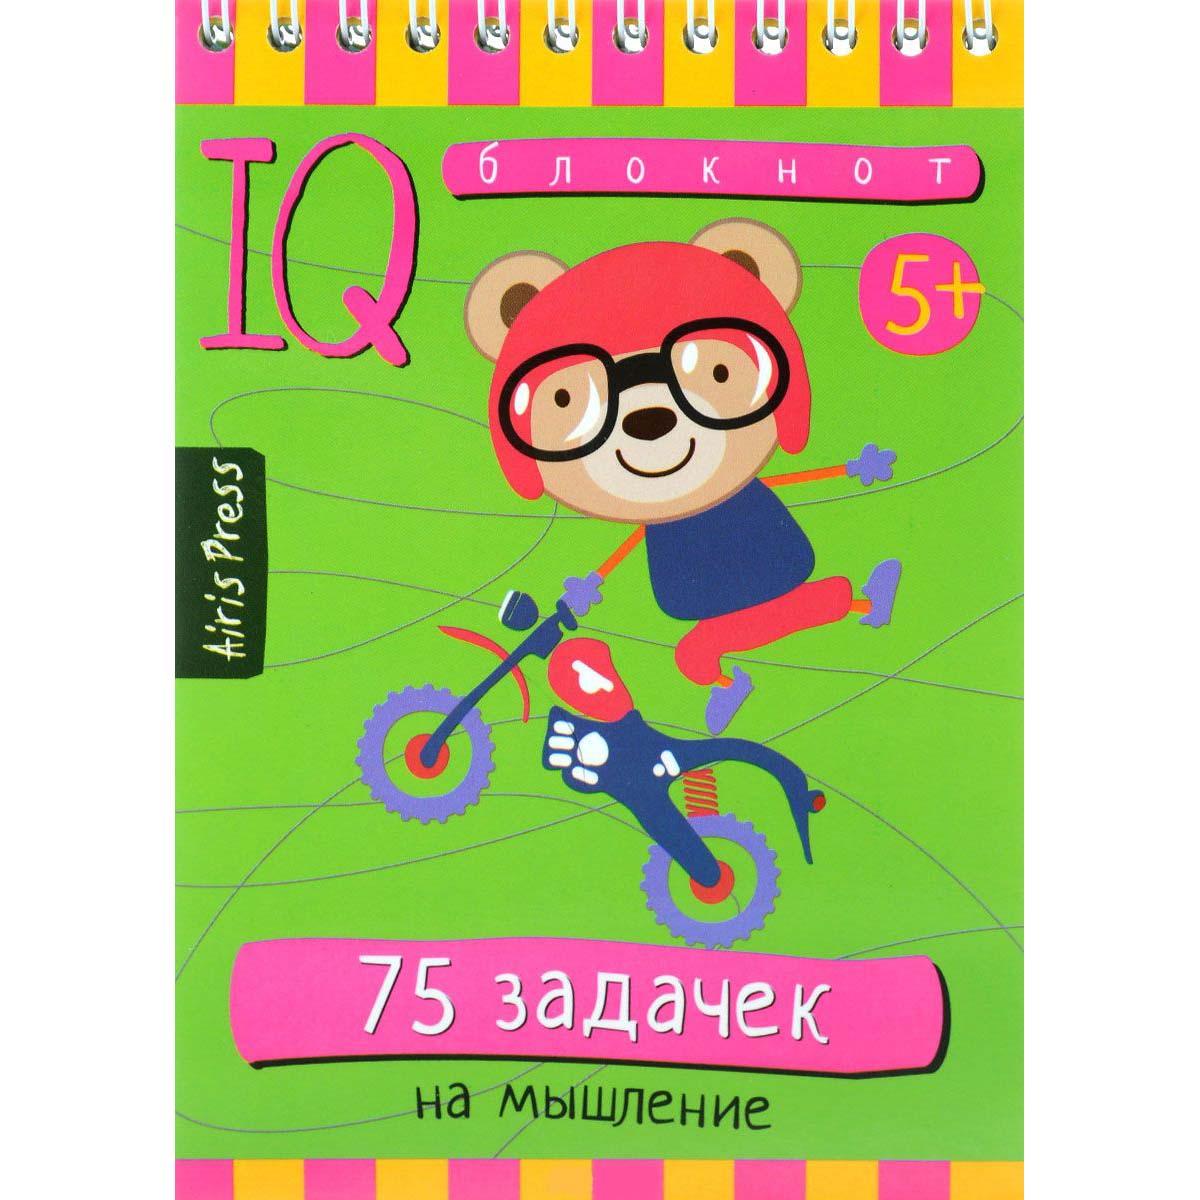 Умный блокнот - 75 задачек на мышлениеЗадания, головоломки, книги с наклейками<br>Умный блокнот - 75 задачек на мышление<br>